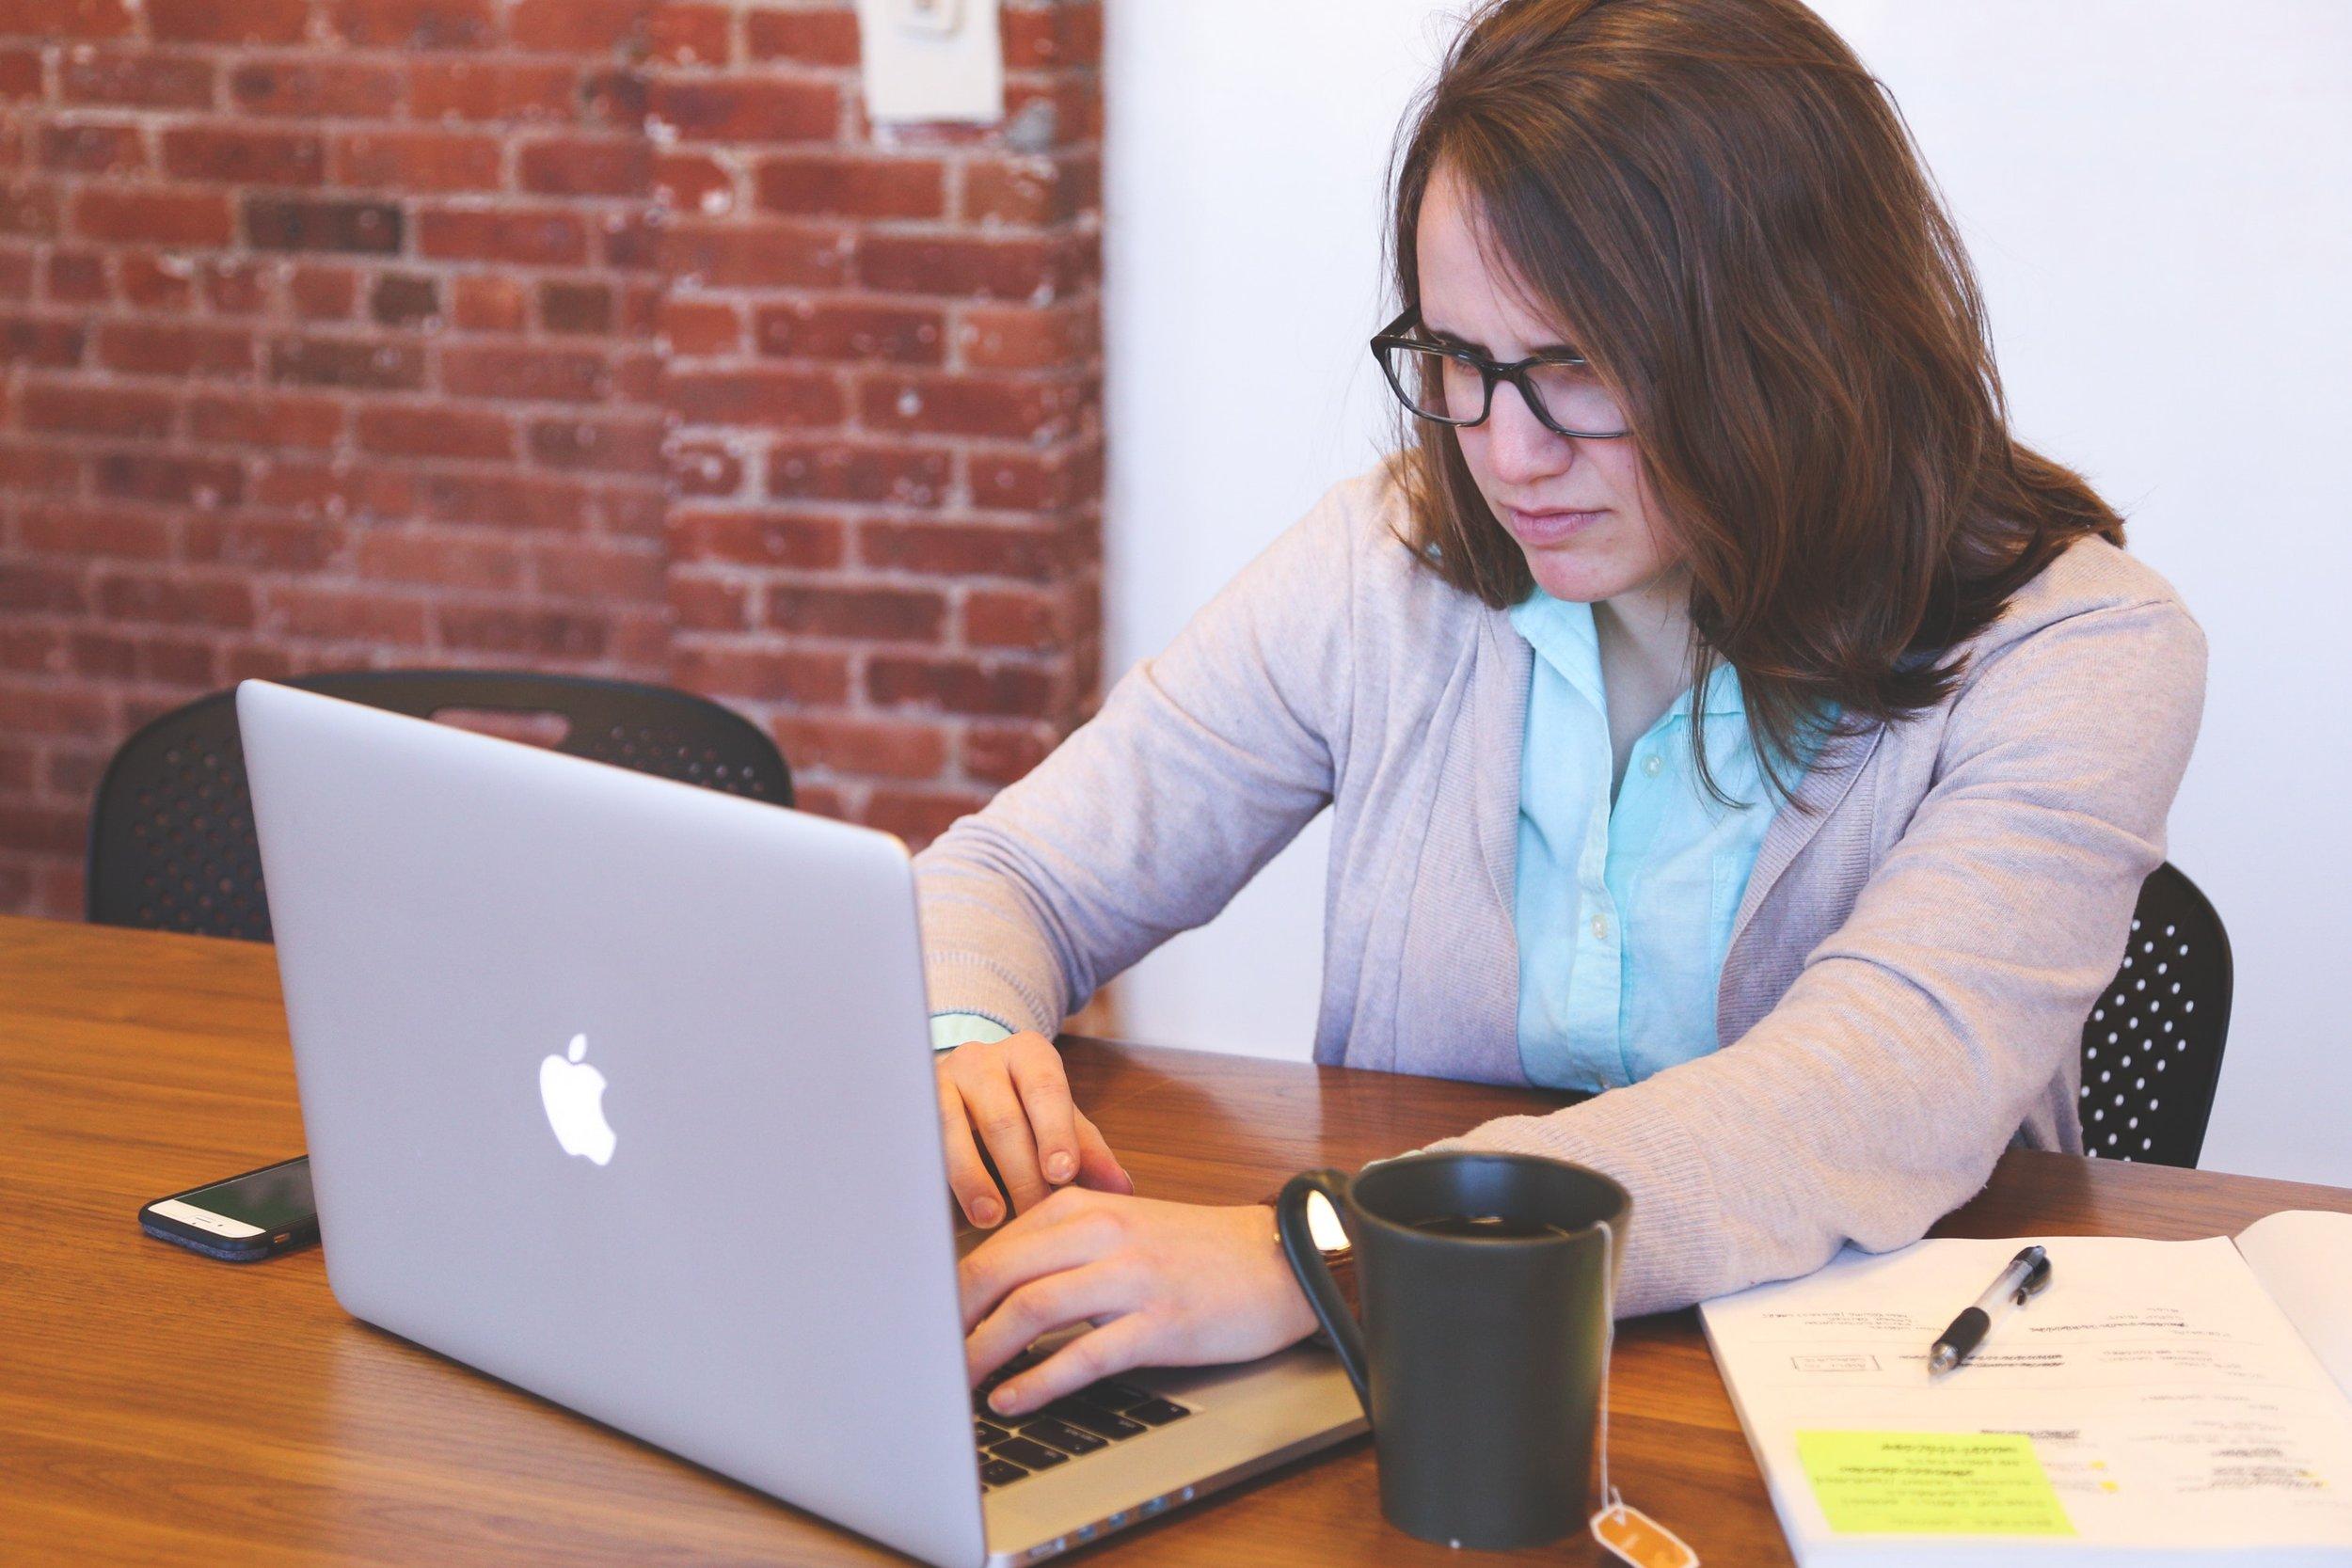 Preventieve coaching - Iedereen reageert anders op veranderingen in de werkomgeving en de functie inhoud. Bij overbelasting of mentale spanning ligt ziekteverzuim op de loer. Lees de veelvoorkomende gedachten van werknemers en wat u als organisatie kunt doen.